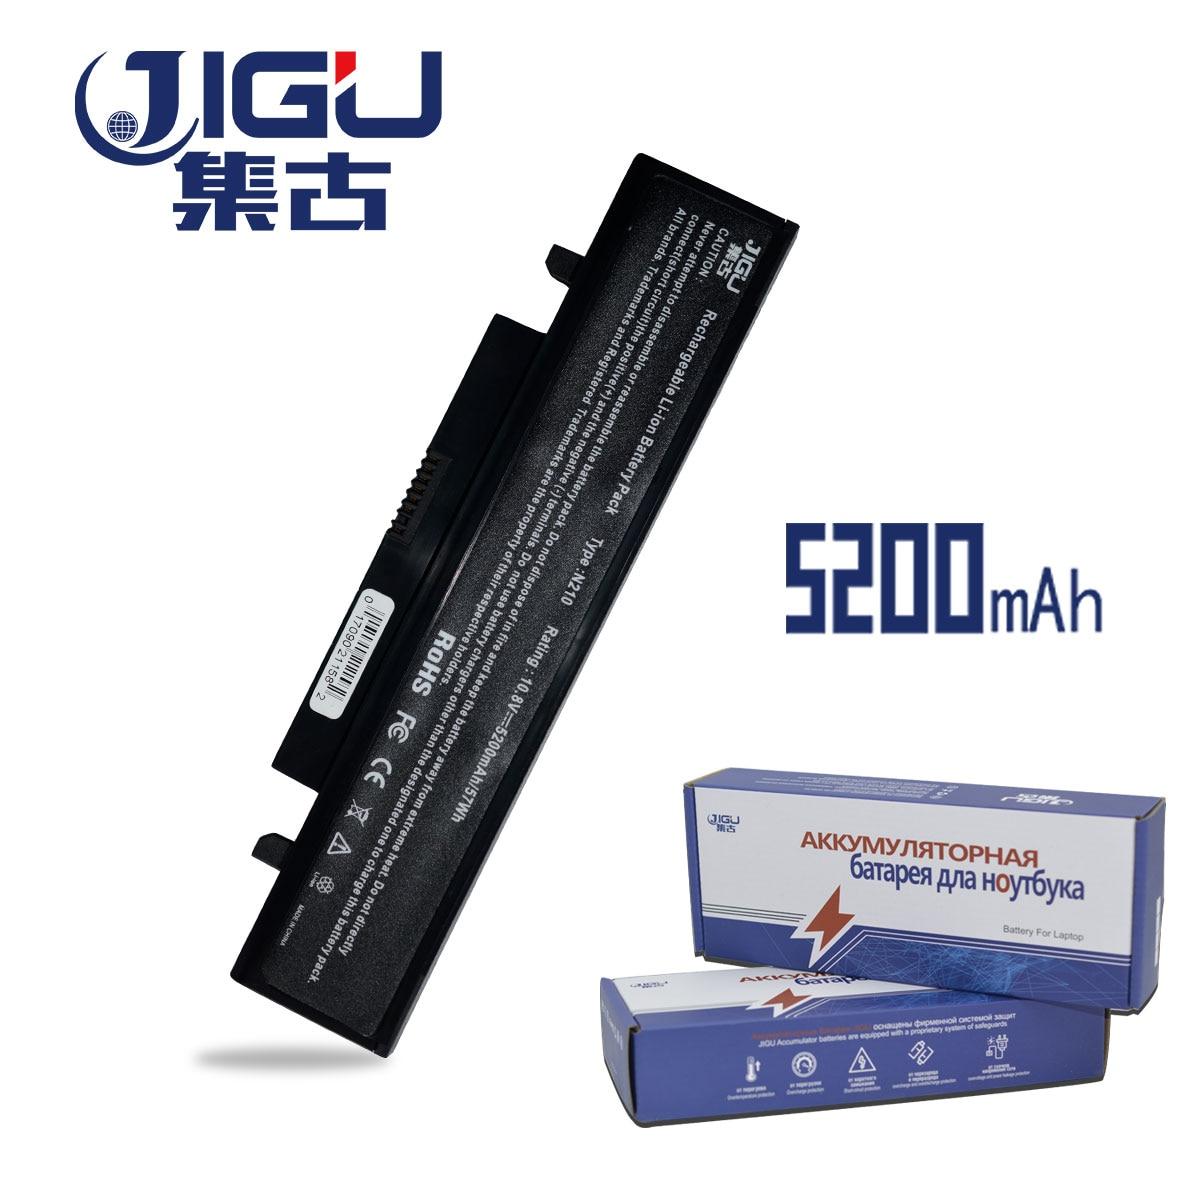 JIGU nueva batería de ordenador portátil para Samsung NB30 N210 N220 N230 X418 X420 X520 Q330... NP-NB30 NT-NB30 NP-N210 NT-N210 NP-X418